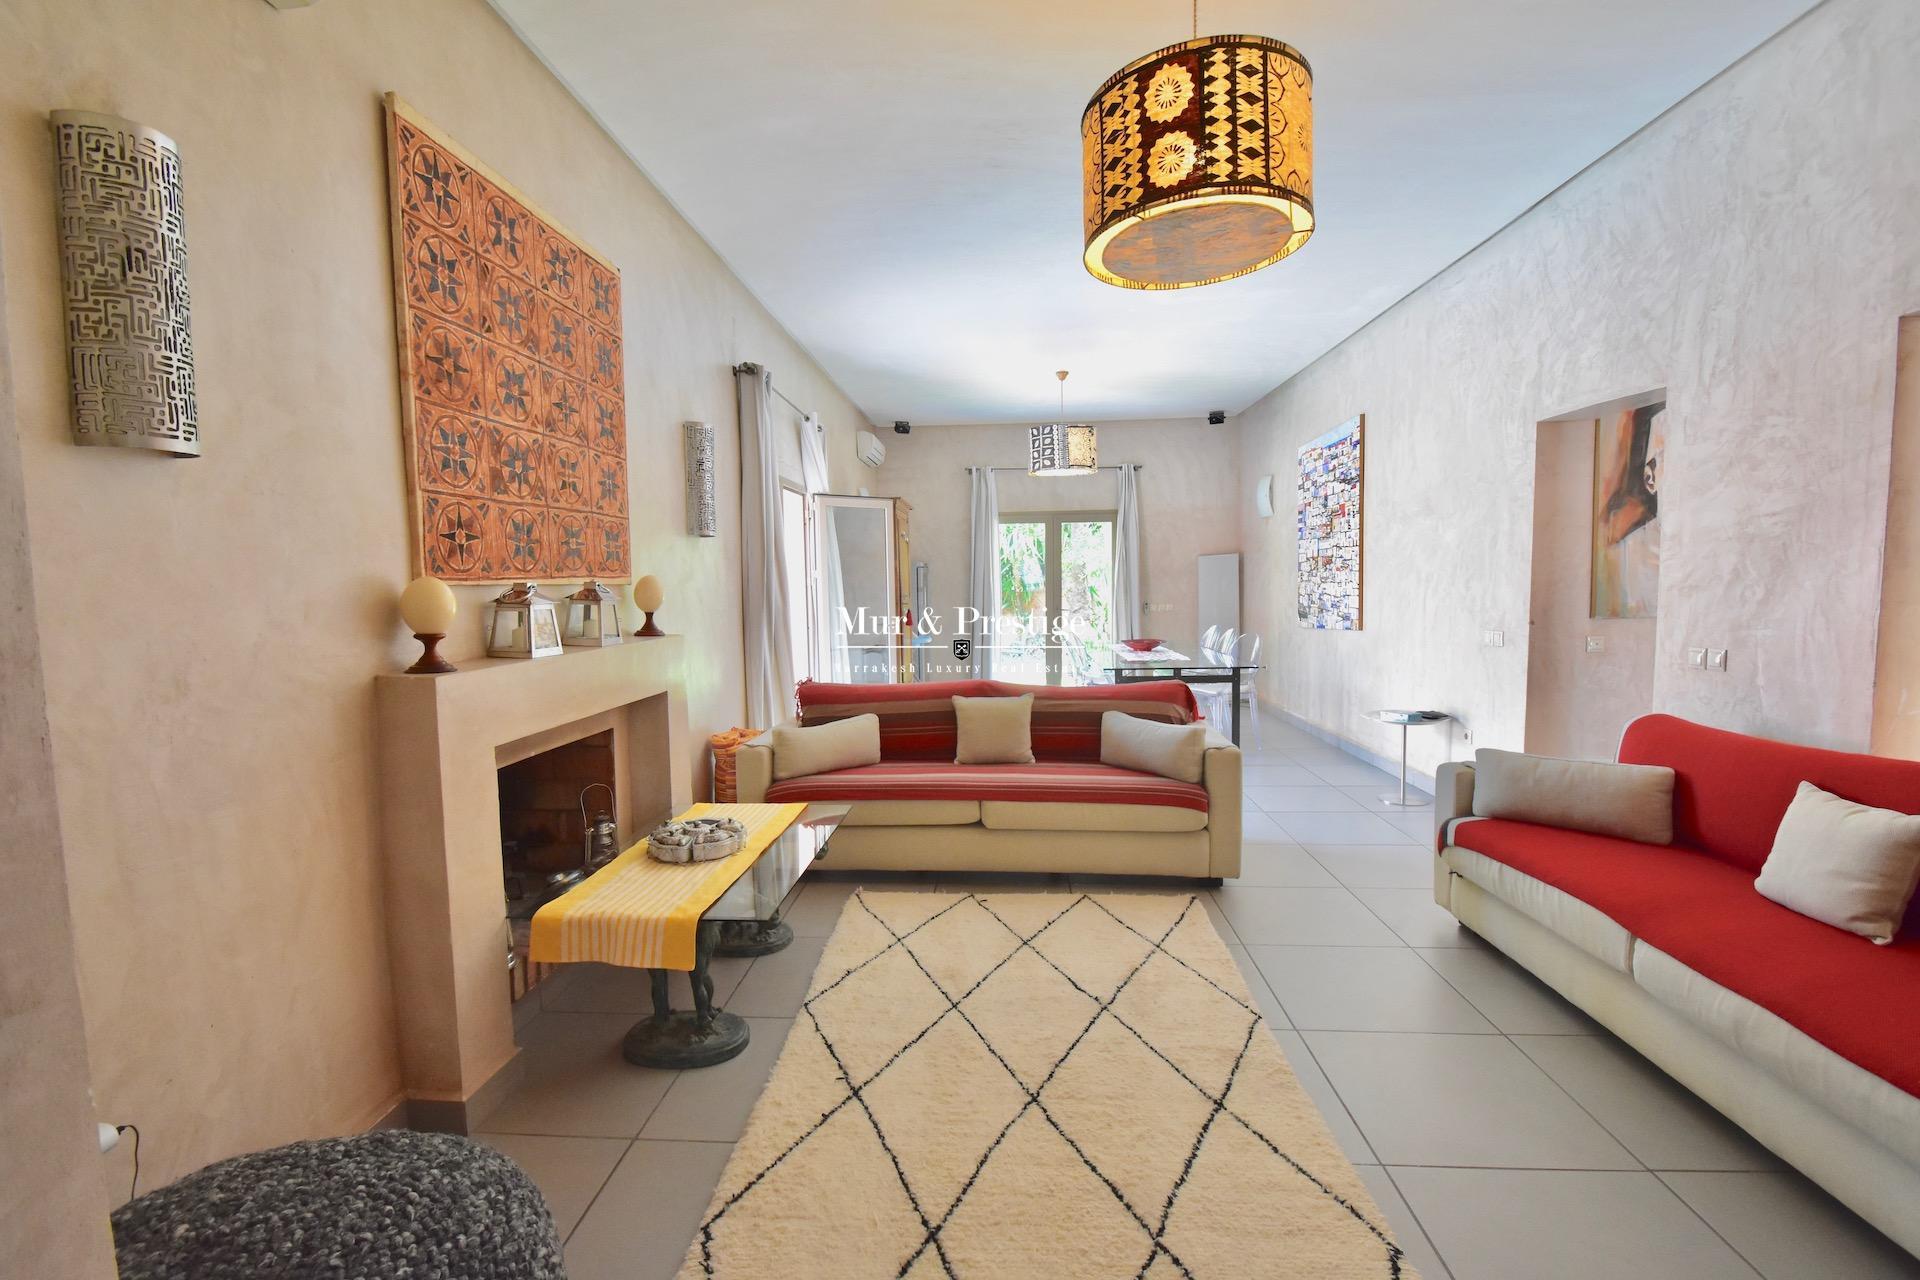 Maison de plain-pied à vendre en centre-ville à Marrakech